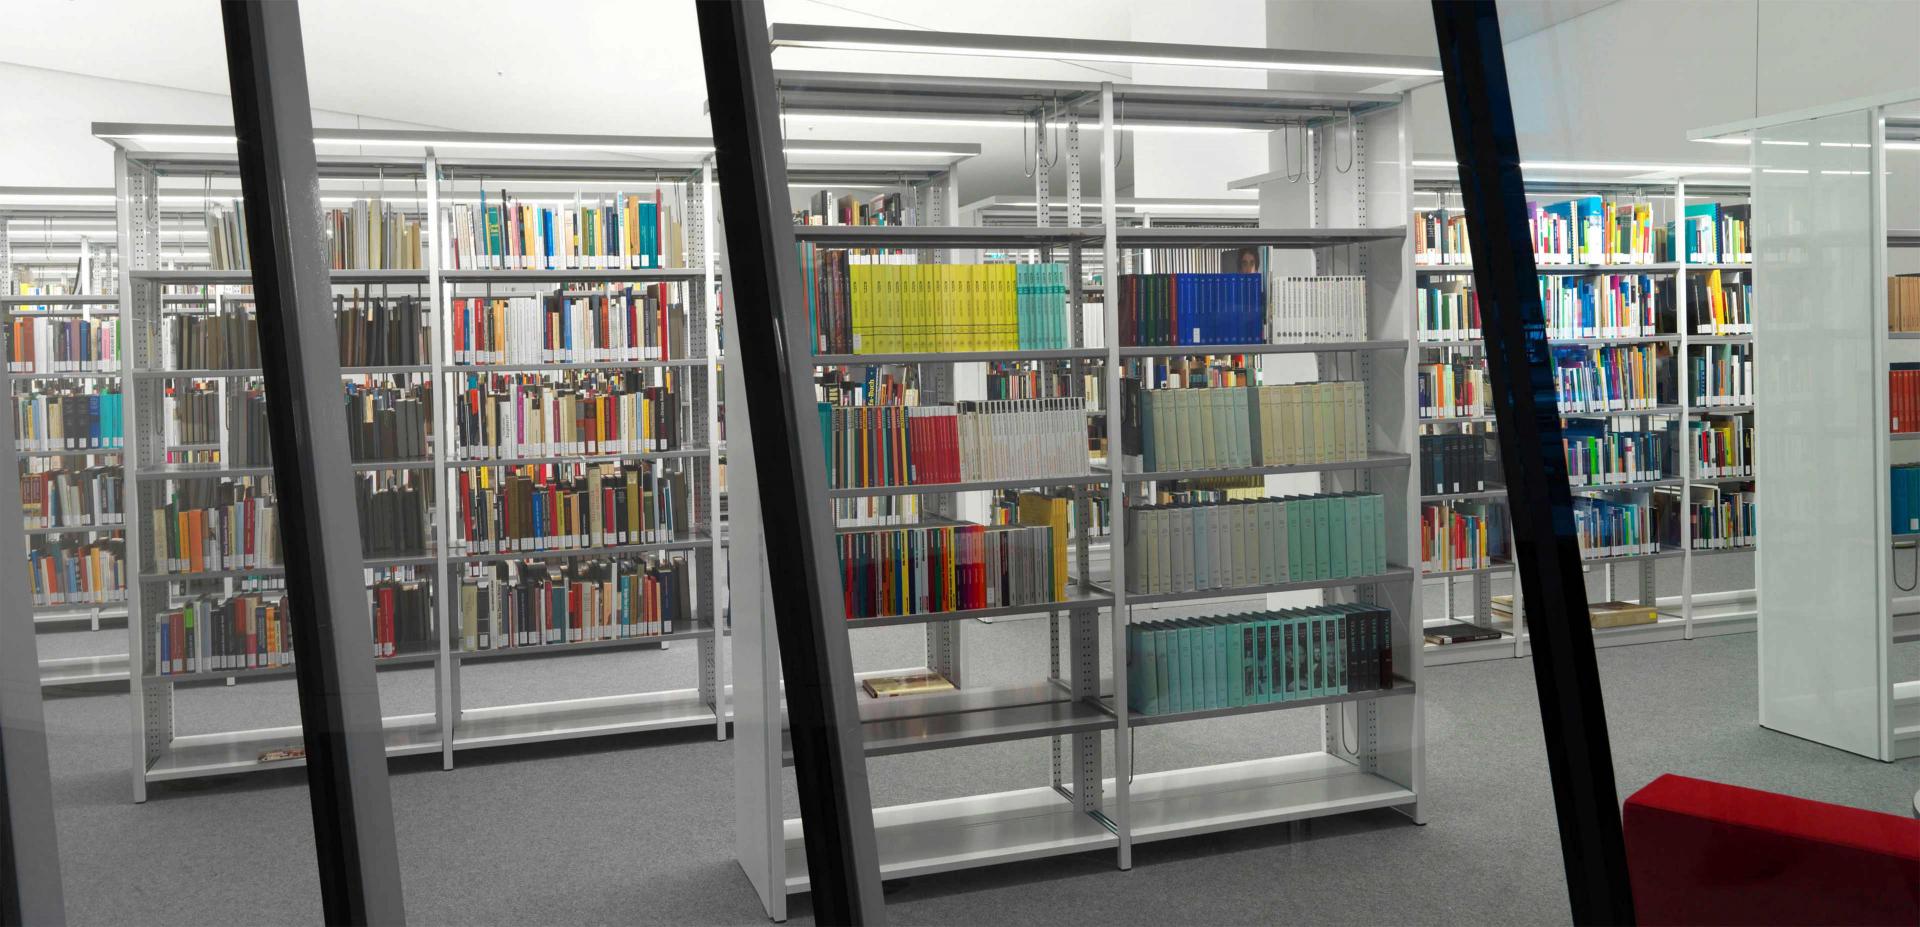 Blick durch eine Glasscheibe in einen Raum mit Bücherregalen